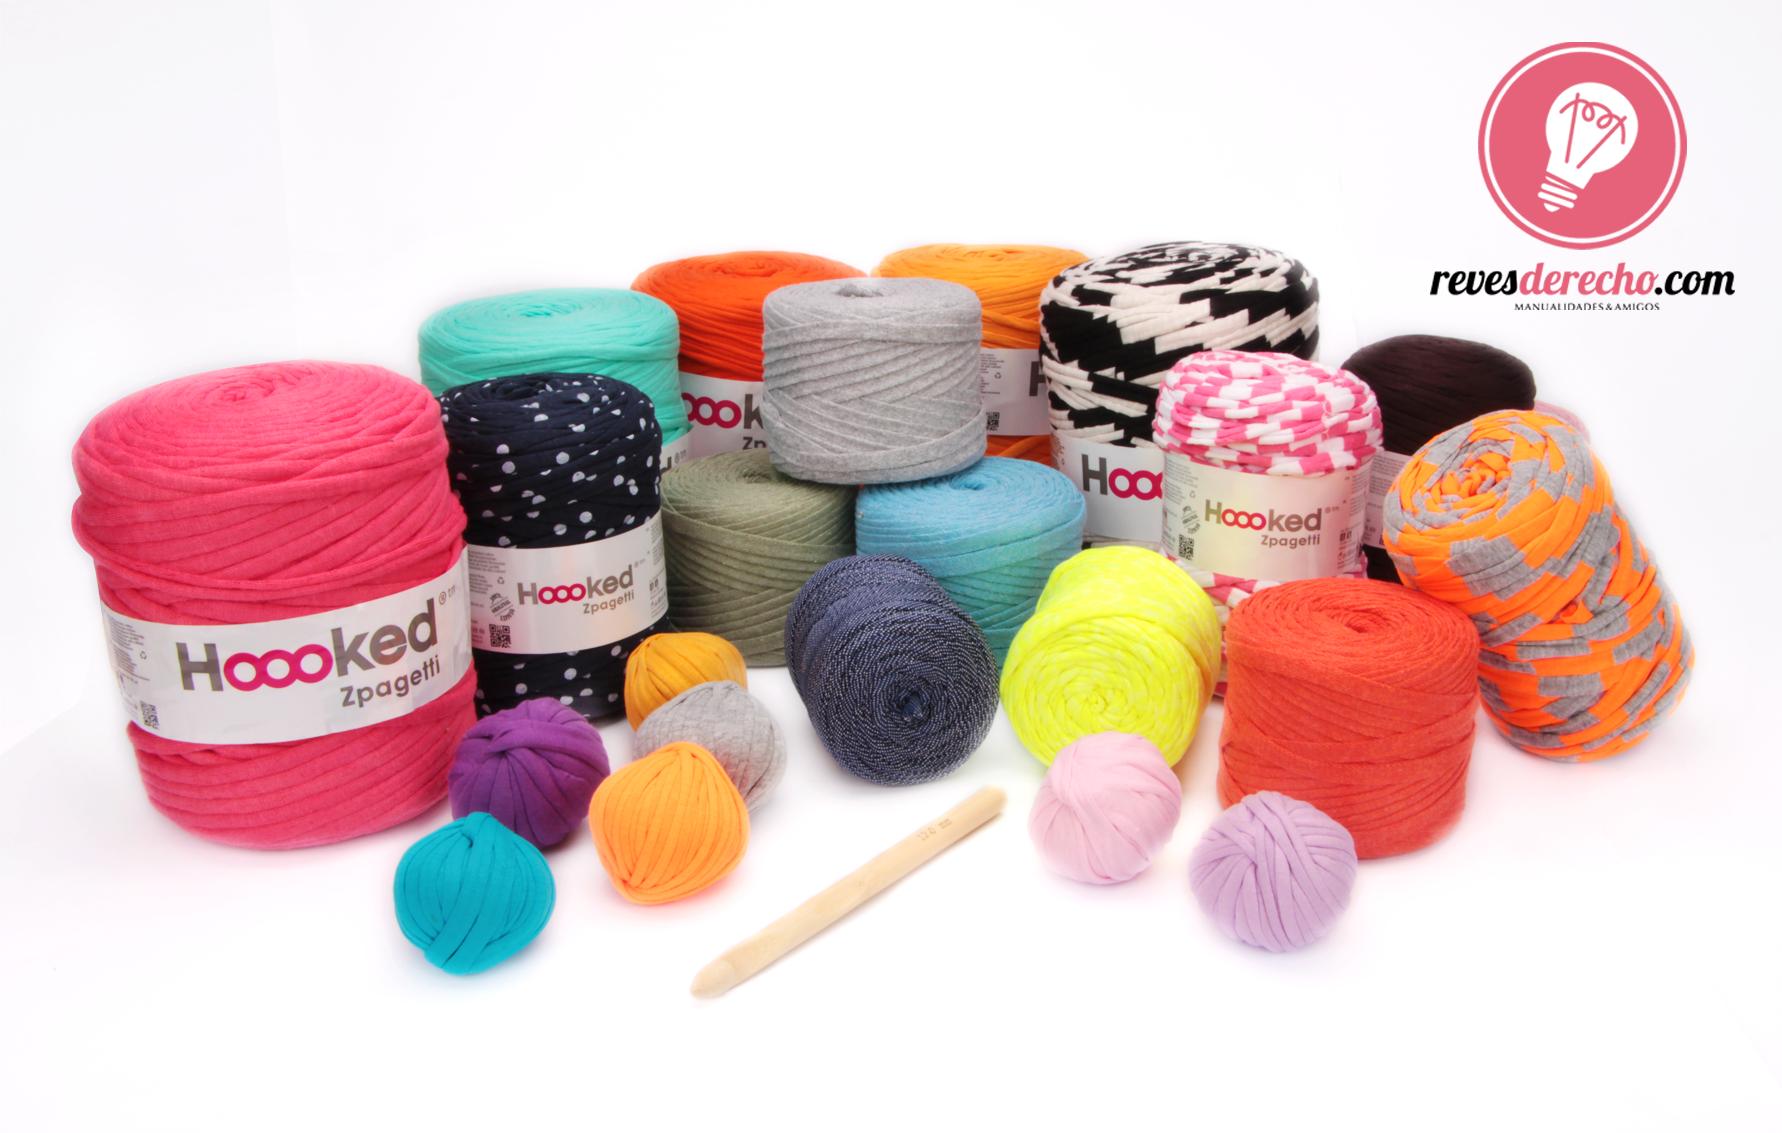 TRAPILLO  Pon a volar tu imaginación con este novedoso producto. Podrás hacer carteras, alfombras, canastos, collares, accesorios decorativos ¡y mucho más!  El Trapillo está echo a partir de telas recicladas, por lo que nos ofrece una gran variedad de colores, texturas y estampados.  ¡Ven por ellos a cualquiera de nuestras tiendas, tenemos una gran variedad de tamaños y colores!  #revesderecho #recoleta #providencia #hooked